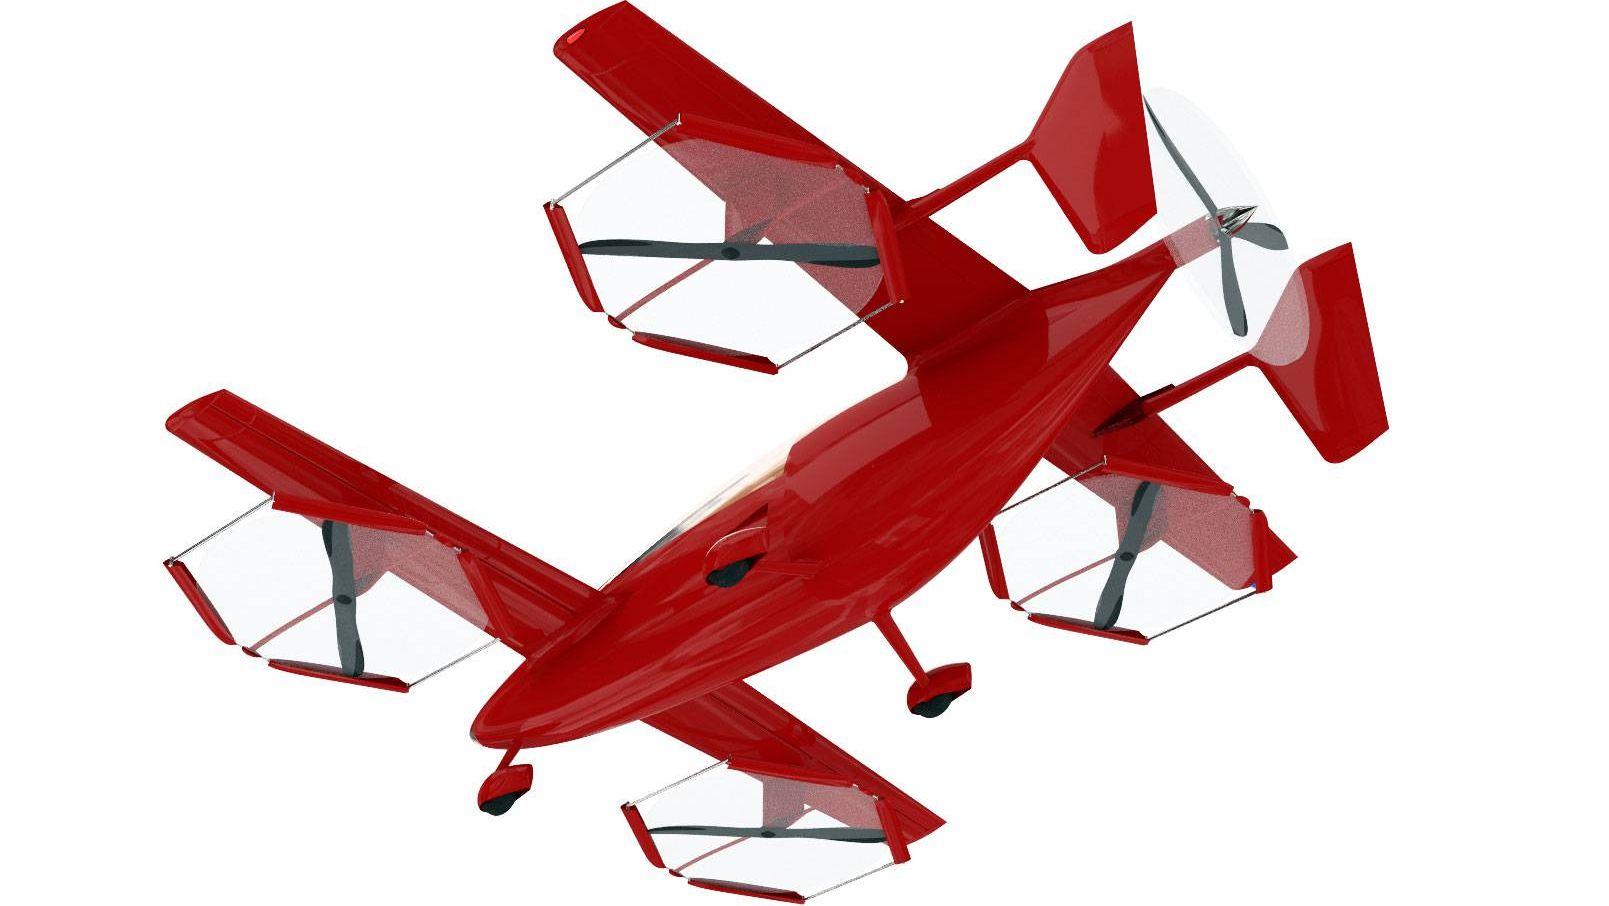 Универсальный самолет вертикального взлета